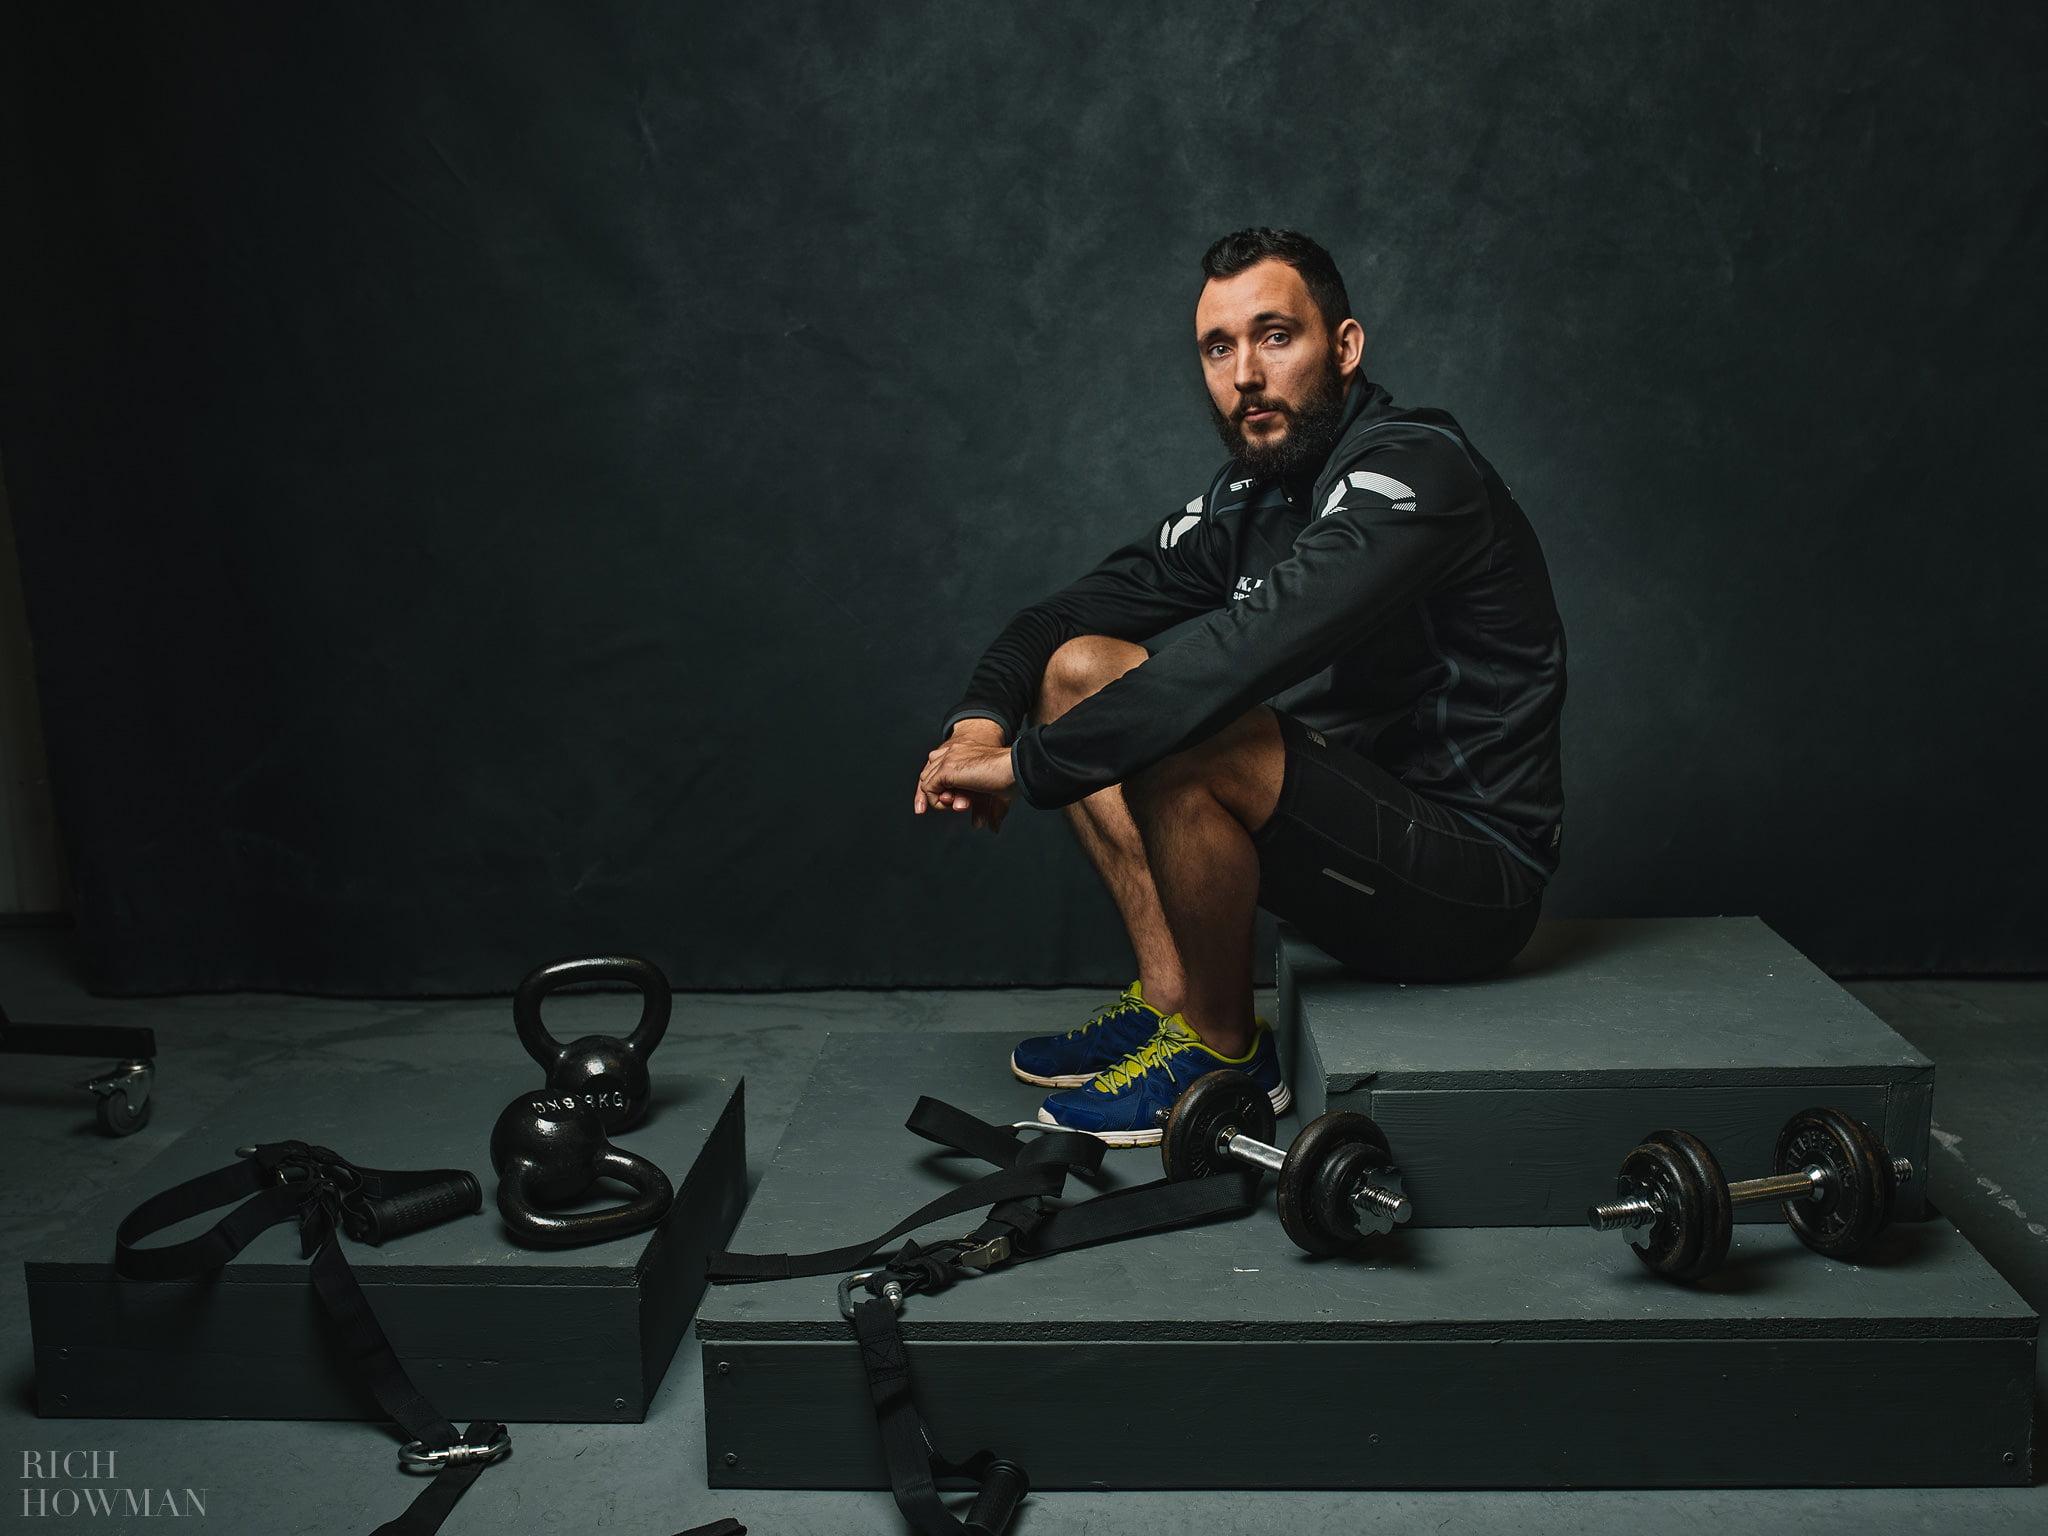 Athlete photo shoot Portrait photographer bristol - sports themed photographs by Bristol photographer Rich Howman